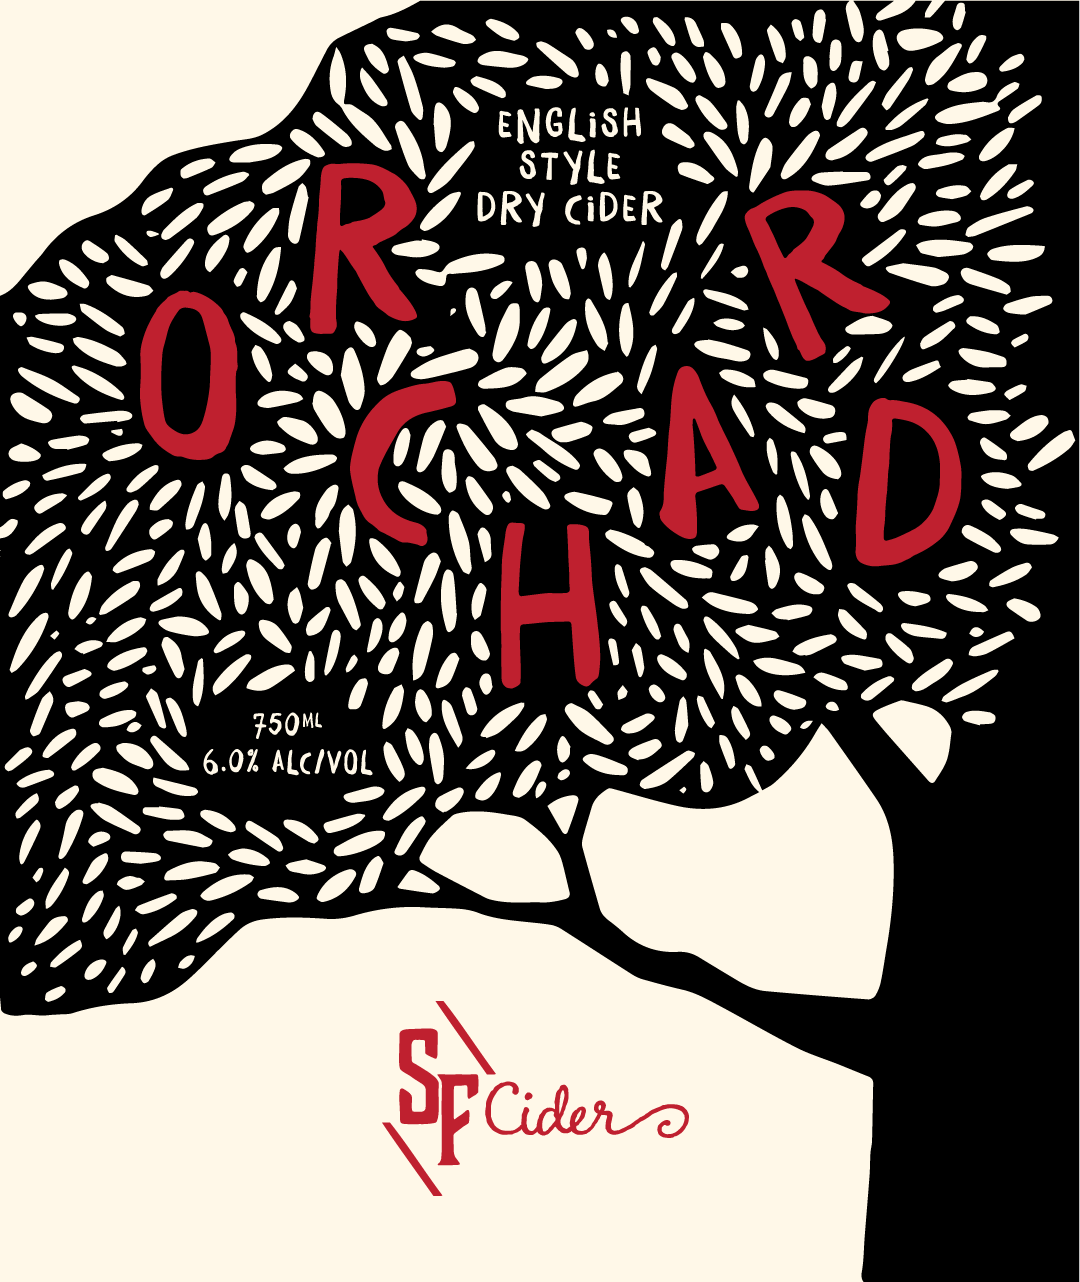 ORCHARD CIDER